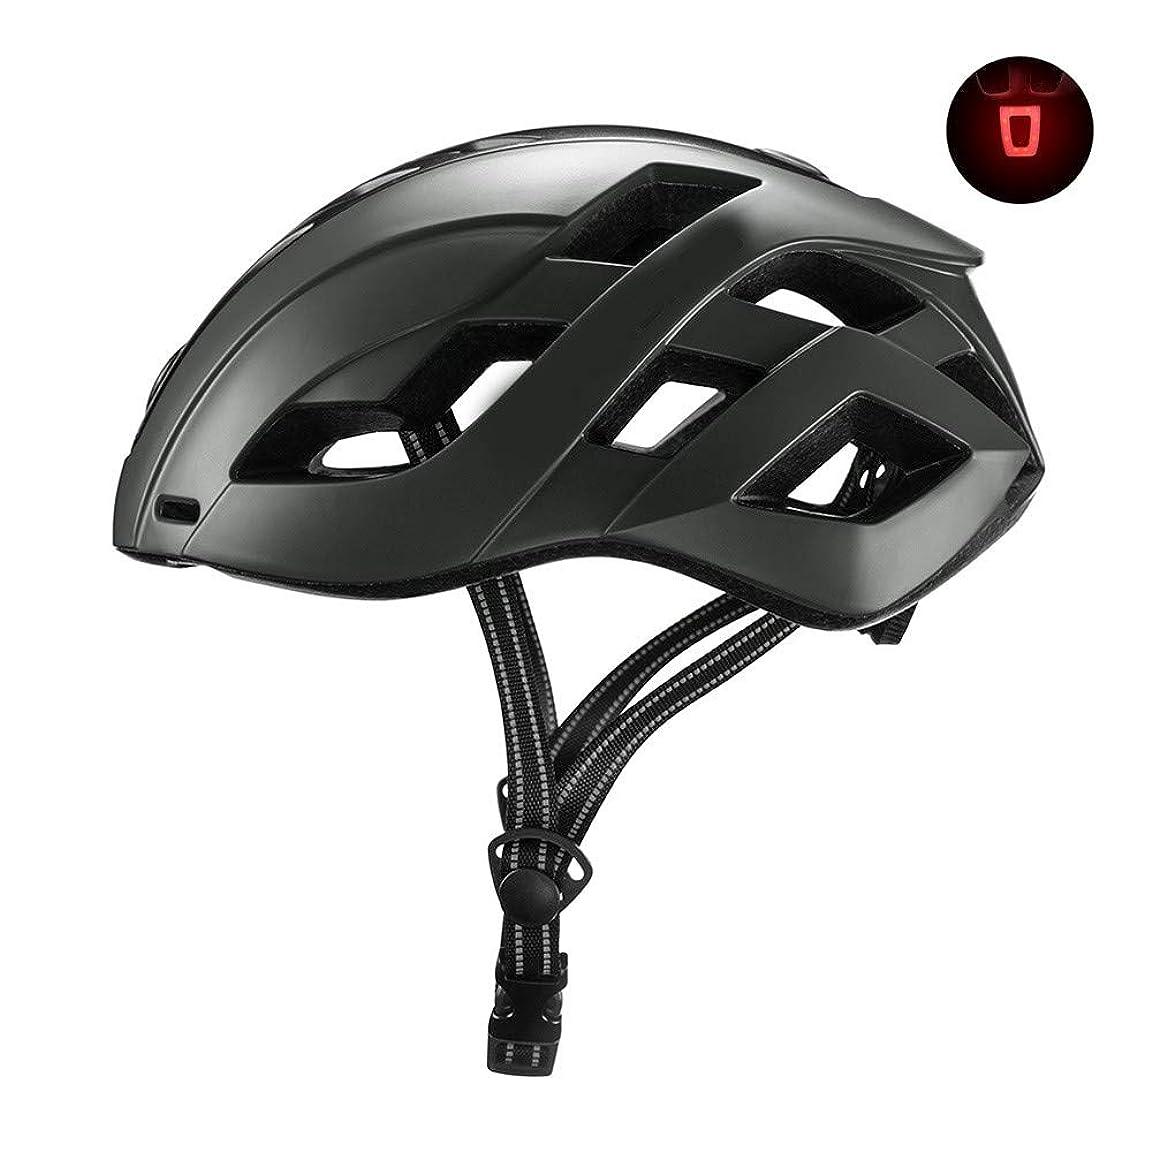 クスクス影響雑品USB充電式リアライト取り外し可能超軽量調整ライディングヘルメット付き自転車用ヘルメットMountain Road自転車用ヘルメット男性女性用大人用サイクリングヘルメット(57?62cm)